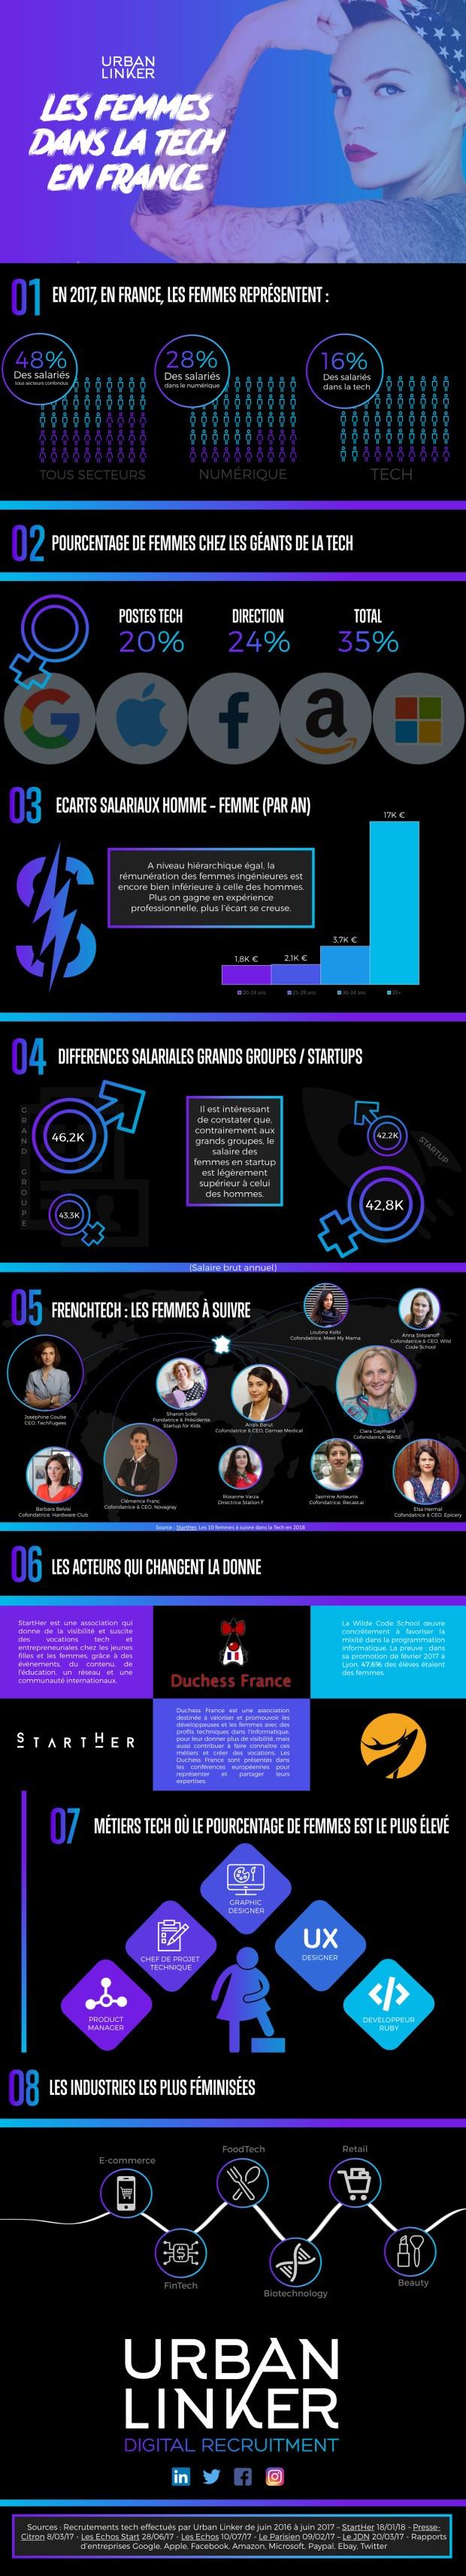 les-femmes-dans-la-tech-infographie-e1520424323334